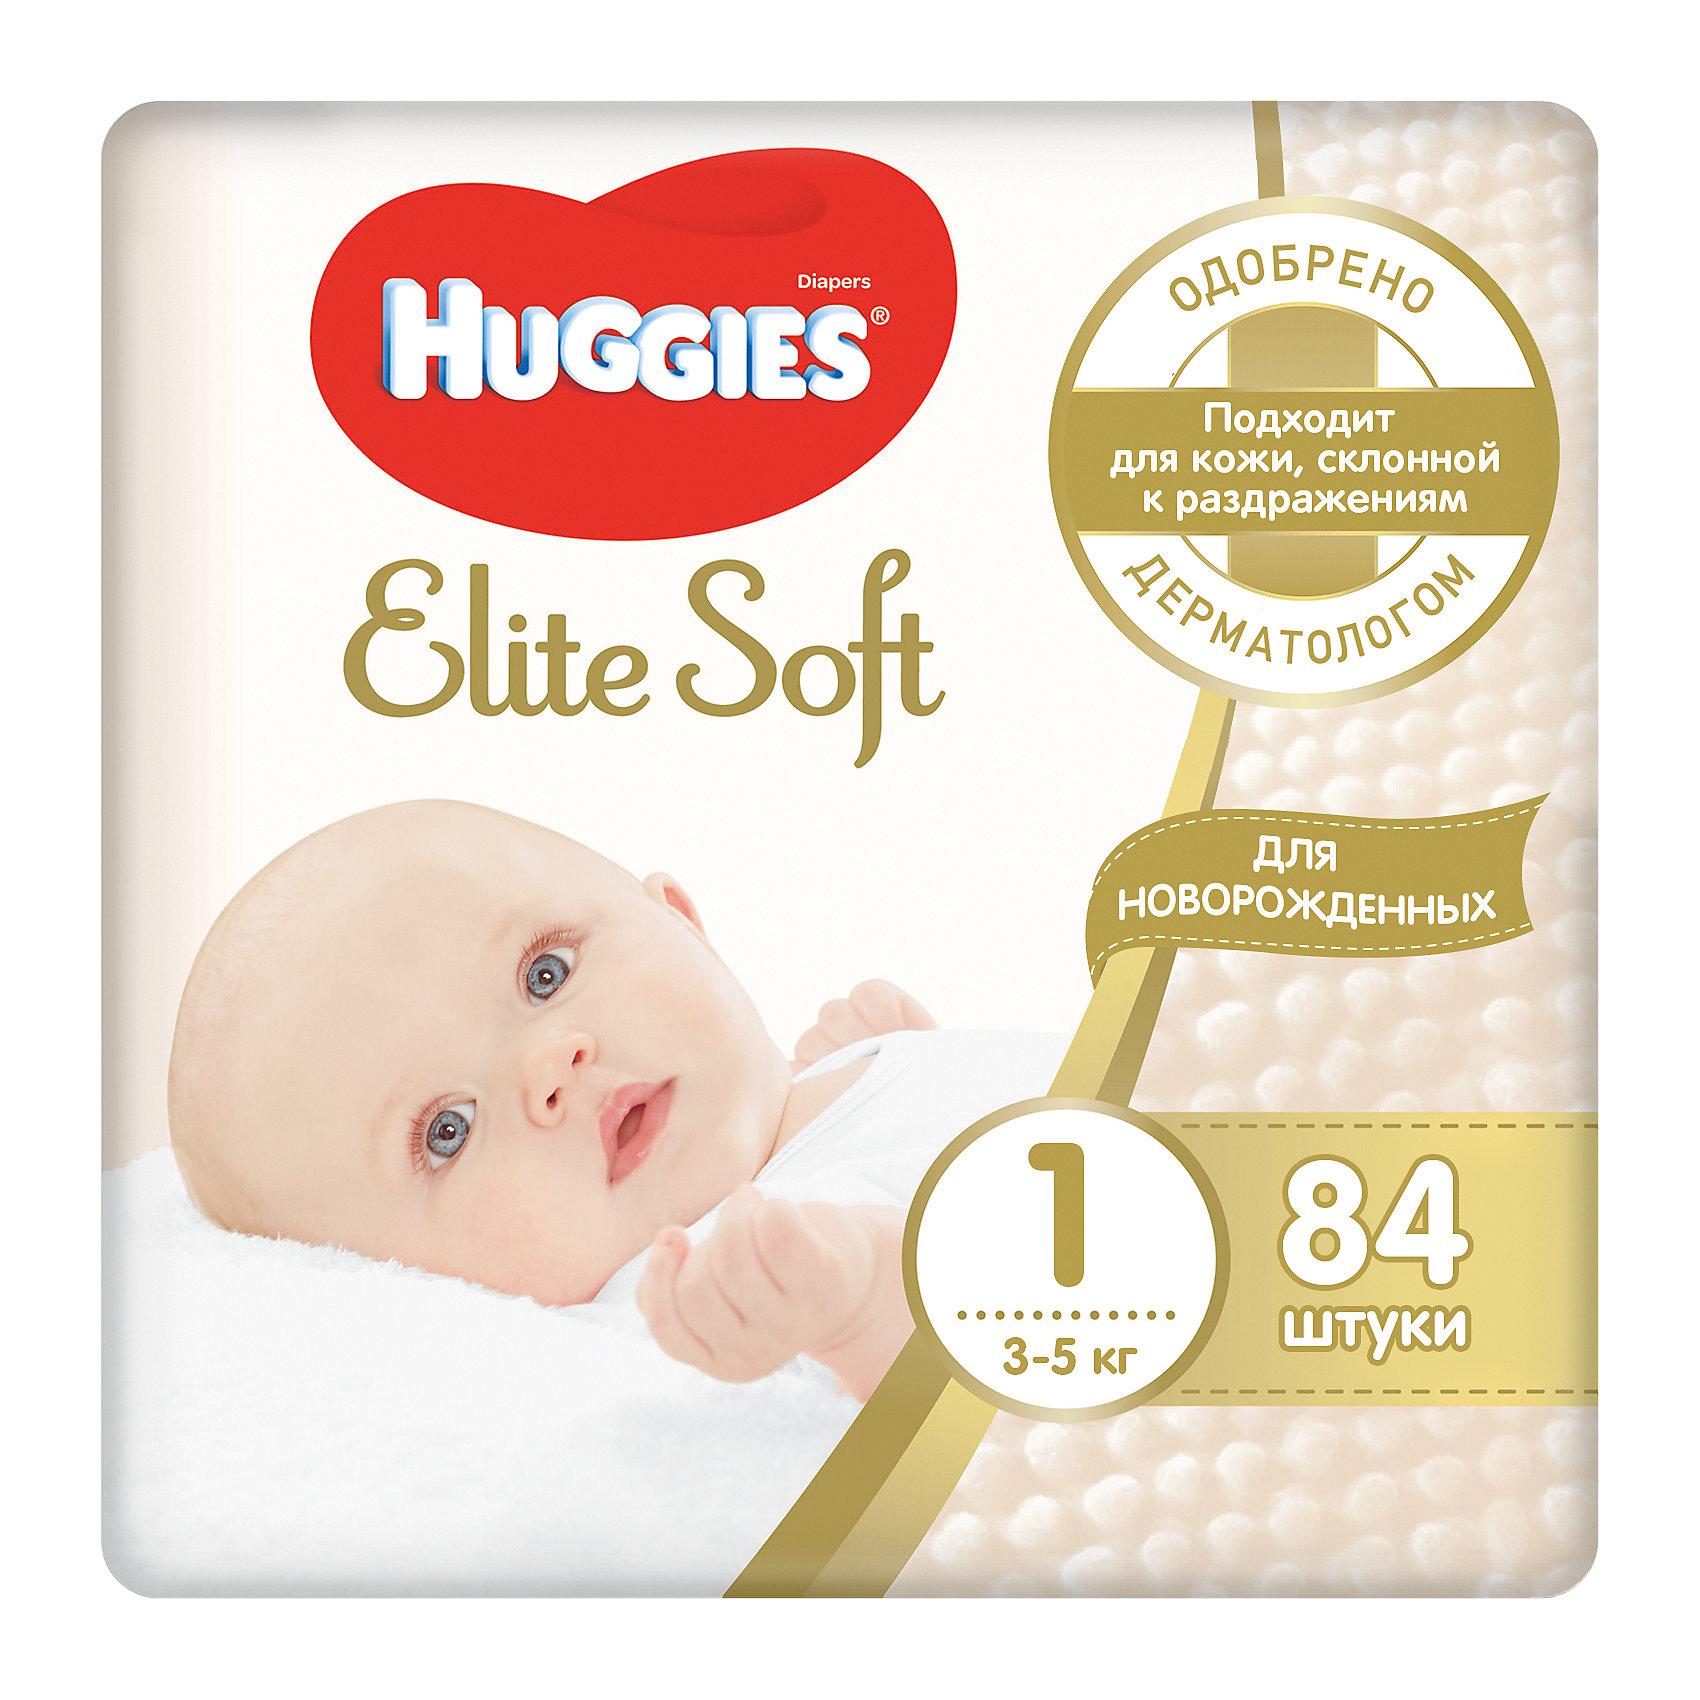 Подгузники Elite Soft (1) до 5кг, 84 шт., HuggiesПодгузники классические<br>Подгузники Elite Soft (1) до 5кг, 84 шт., Huggies<br><br>Характеристики:<br><br>-В упаковке: 84 штук<br>-Вес ребенка: до 5 кг<br>-Безопасный материал для кожи ребёнка<br>-Супервпитываемая текстура<br>-Плотное прилегание в телу<br>-Пористые материалы позволяют дышать коже<br>-Индикатор влаги меняет цвет, когда подгузник нужно поменять<br><br>Гигиена для ребенка - это залог его здоровья. Подгузники Elite Soft (1) до 5кг, 84 шт., Huggies помогут позаботиться о чистоте вашего ребёнка. Подгузники Huggies обеспечат вашему ребёнку комфорт в движении или сне. Благодаря особому материалу, обеспечена циркуляция воздуха, поэтому на кожу вашего малыша не образуется опрелостей. Индикатор влаги меняет цвет, давая понять, что подгузник пора сменить. Поэтому вы сможете сделать это вовремя и без затруднений.<br><br>Подгузники Elite Soft (1) до 5кг, 84 шт., Huggies можно приобрести в нашем интернет-магазине.<br><br>Ширина мм: 350<br>Глубина мм: 350<br>Высота мм: 350<br>Вес г: 2000<br>Возраст от месяцев: 0<br>Возраст до месяцев: 6<br>Пол: Унисекс<br>Возраст: Детский<br>SKU: 5126873